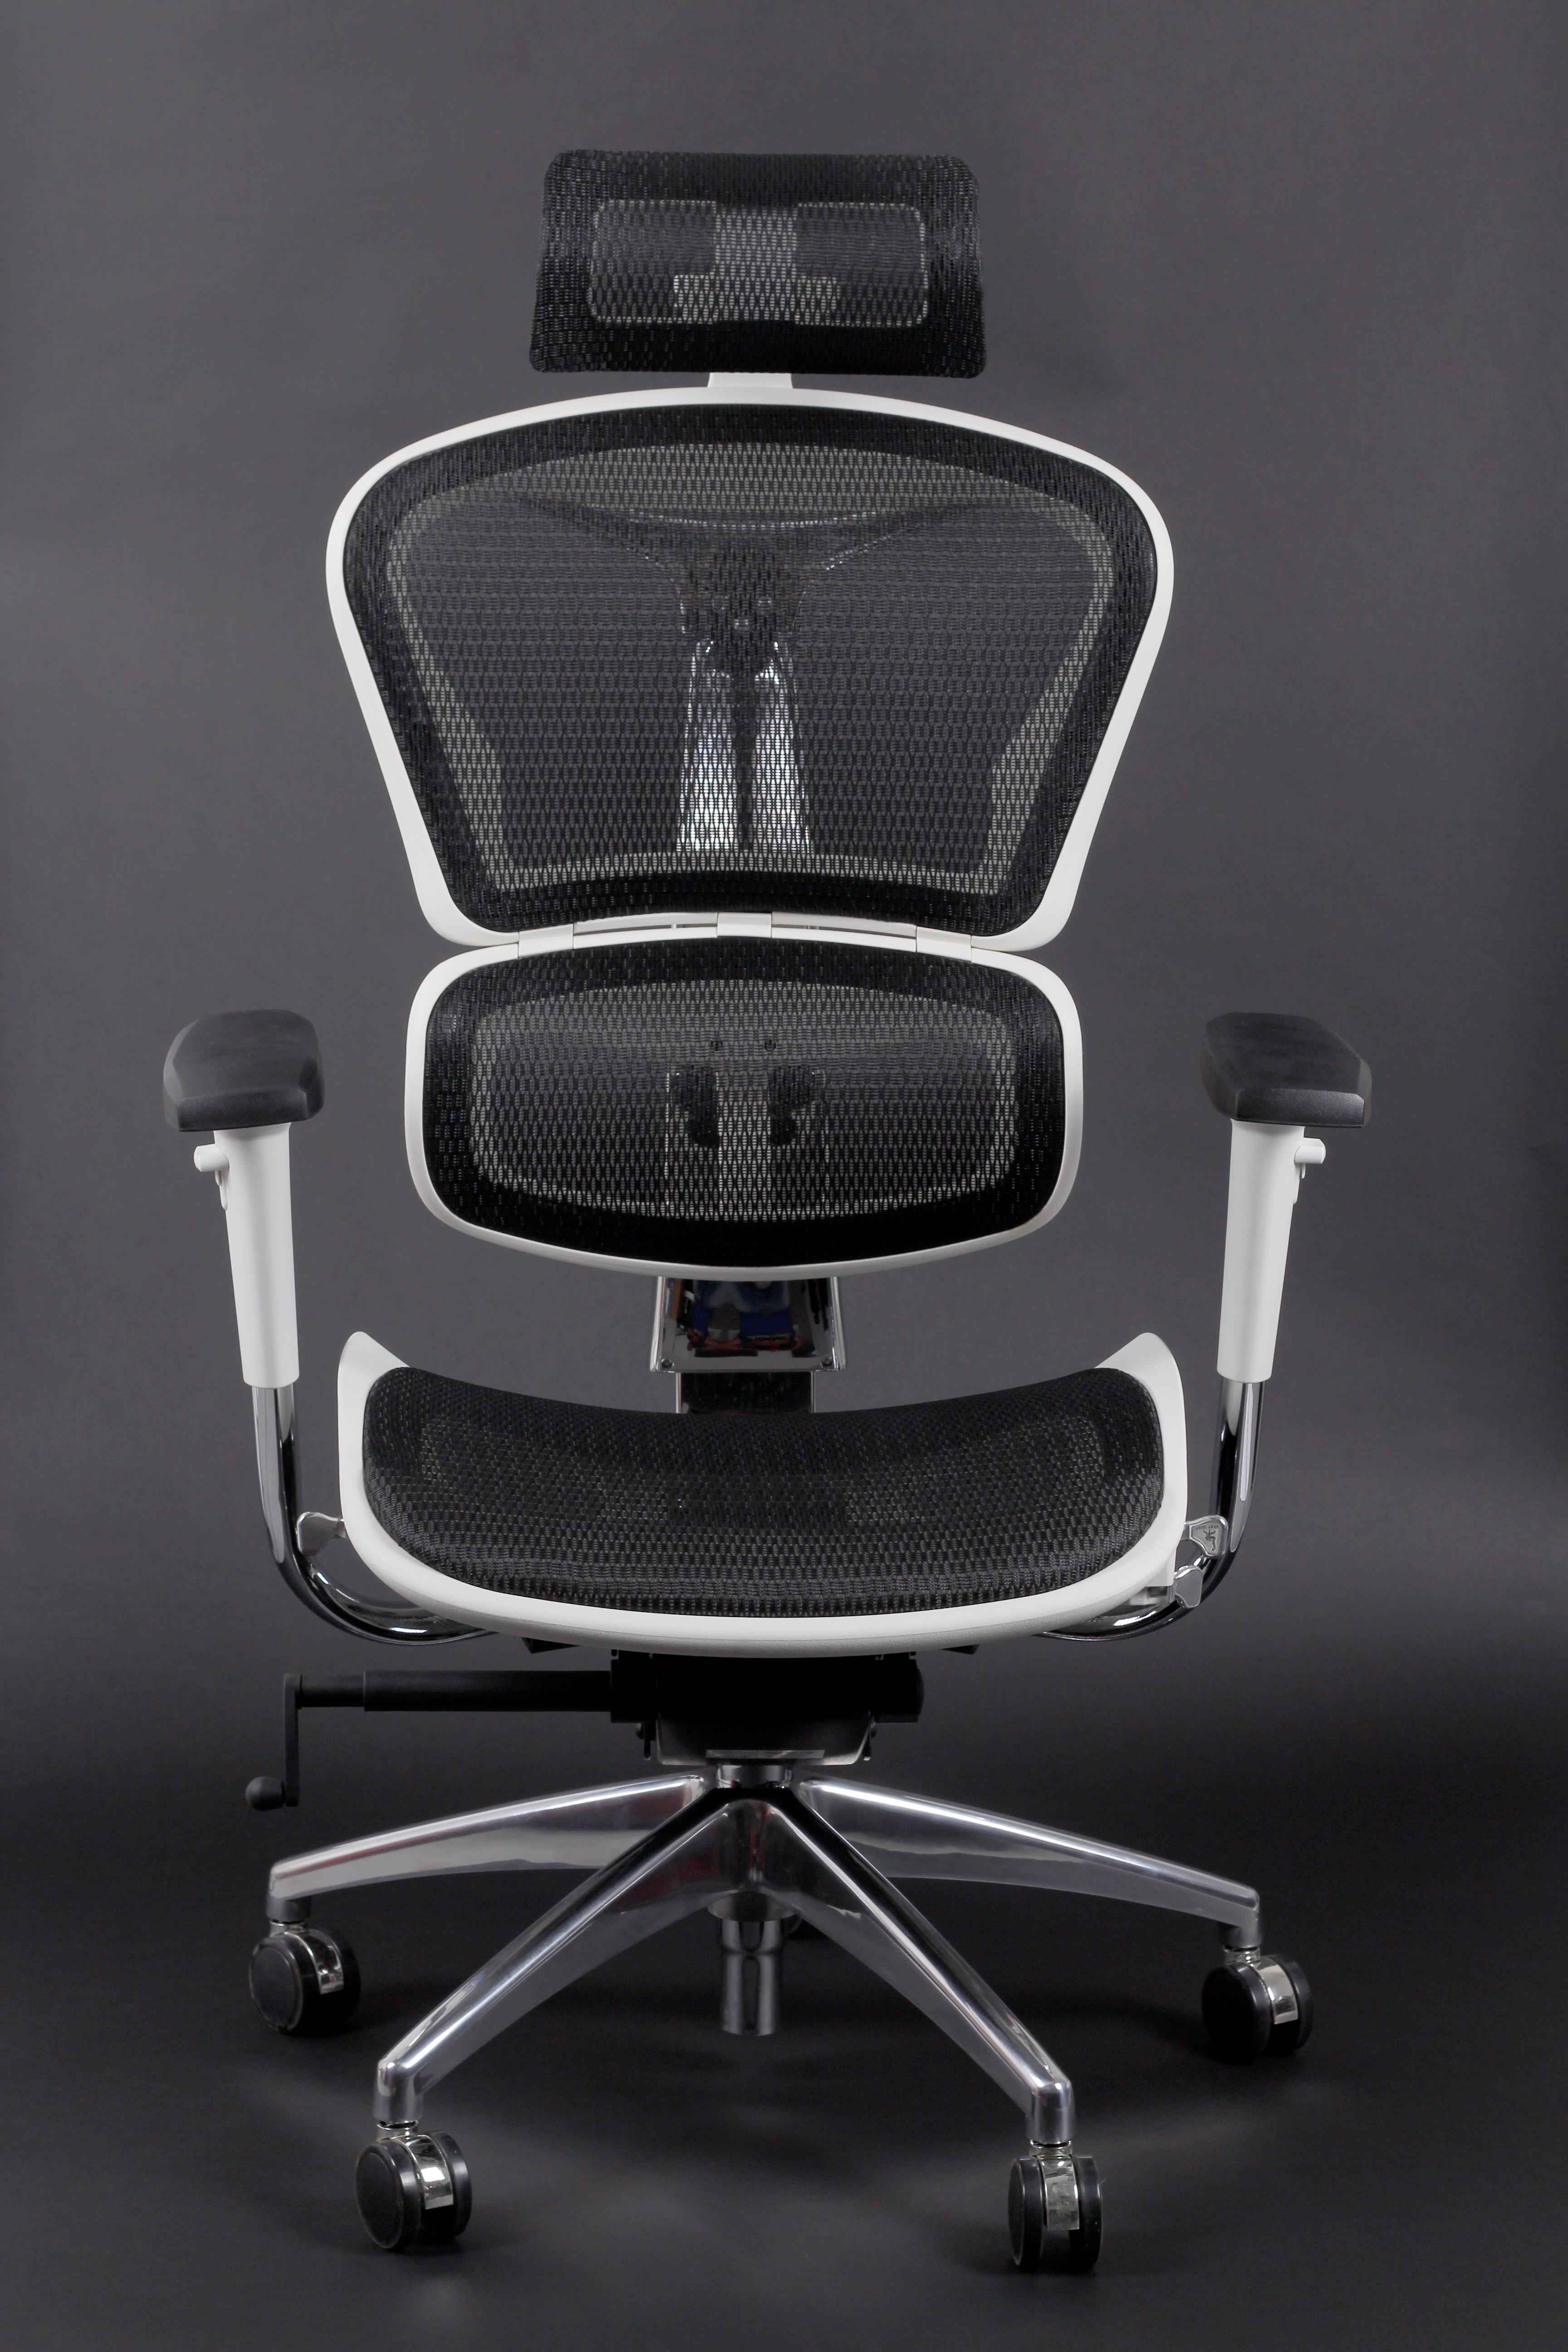 ergonomisch b rostuhl schwarz schreibtischstuhl drehstuhl. Black Bedroom Furniture Sets. Home Design Ideas